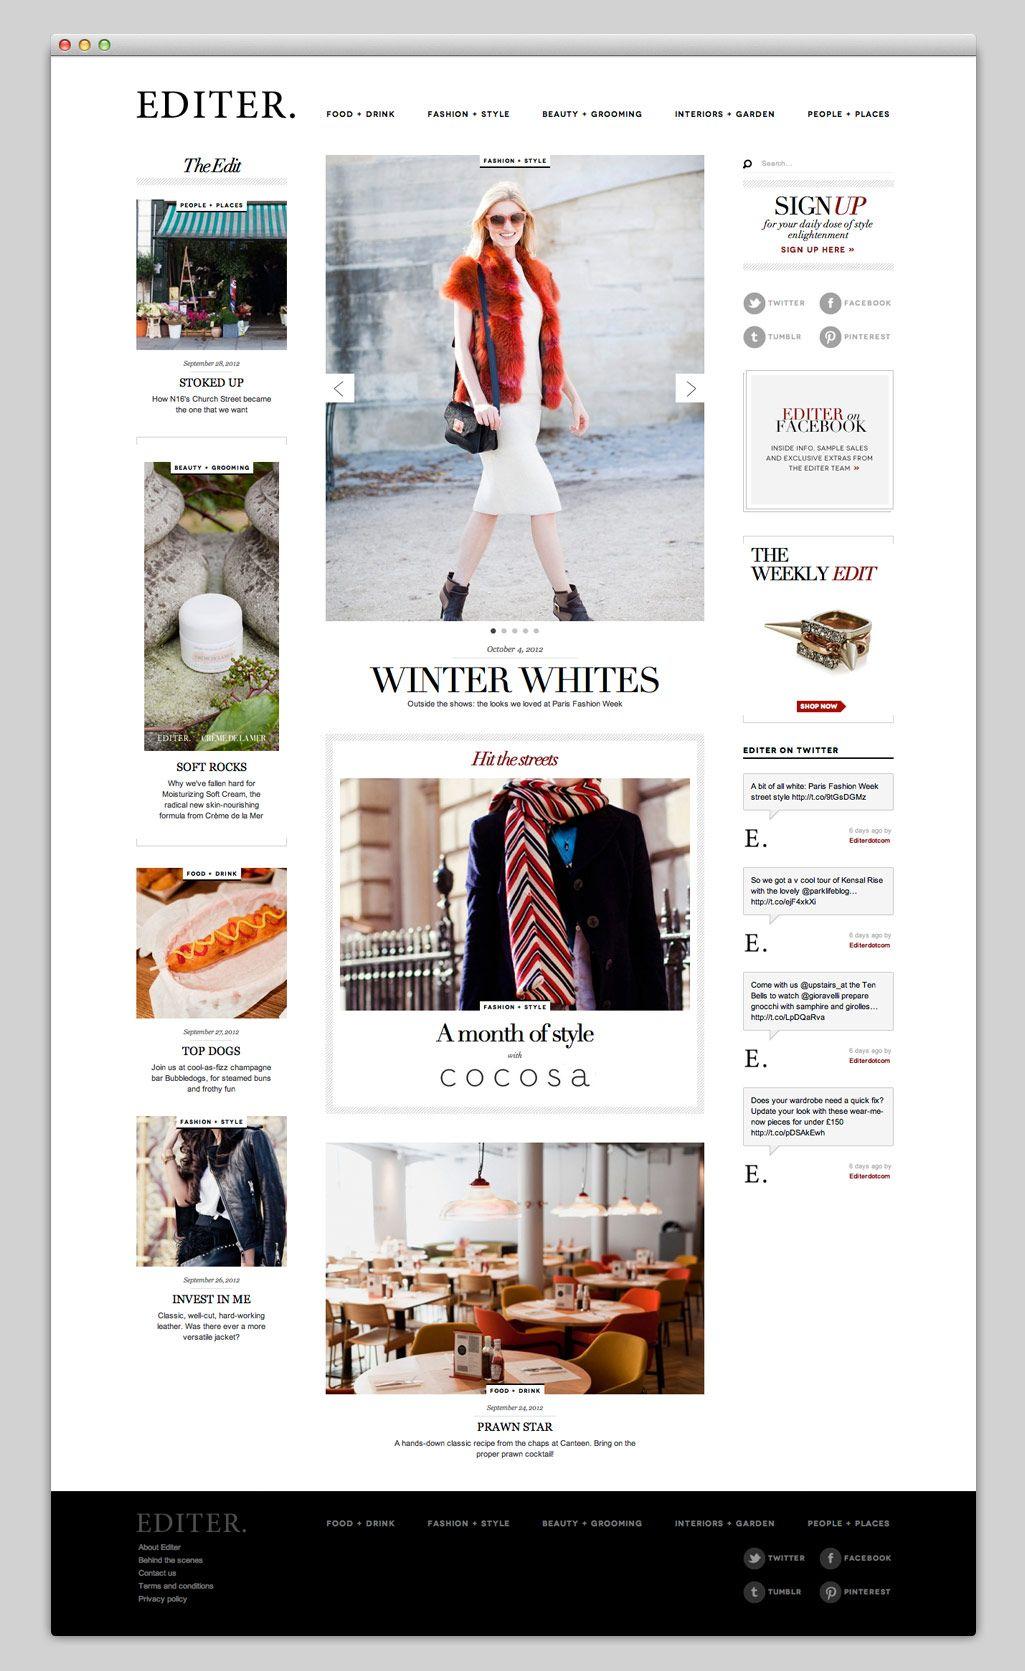 Websites | WEB design | Pinterest | Editor, Website design layout ...